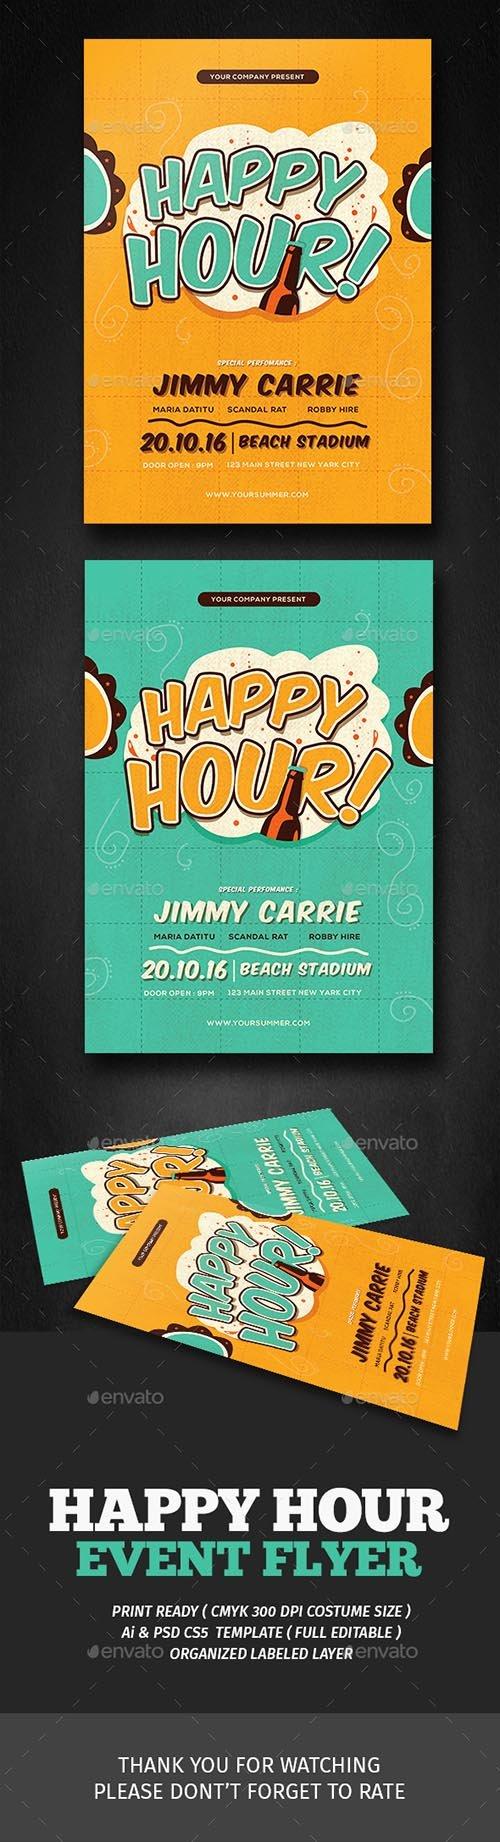 Retro Happy Hour Flyer 18007930